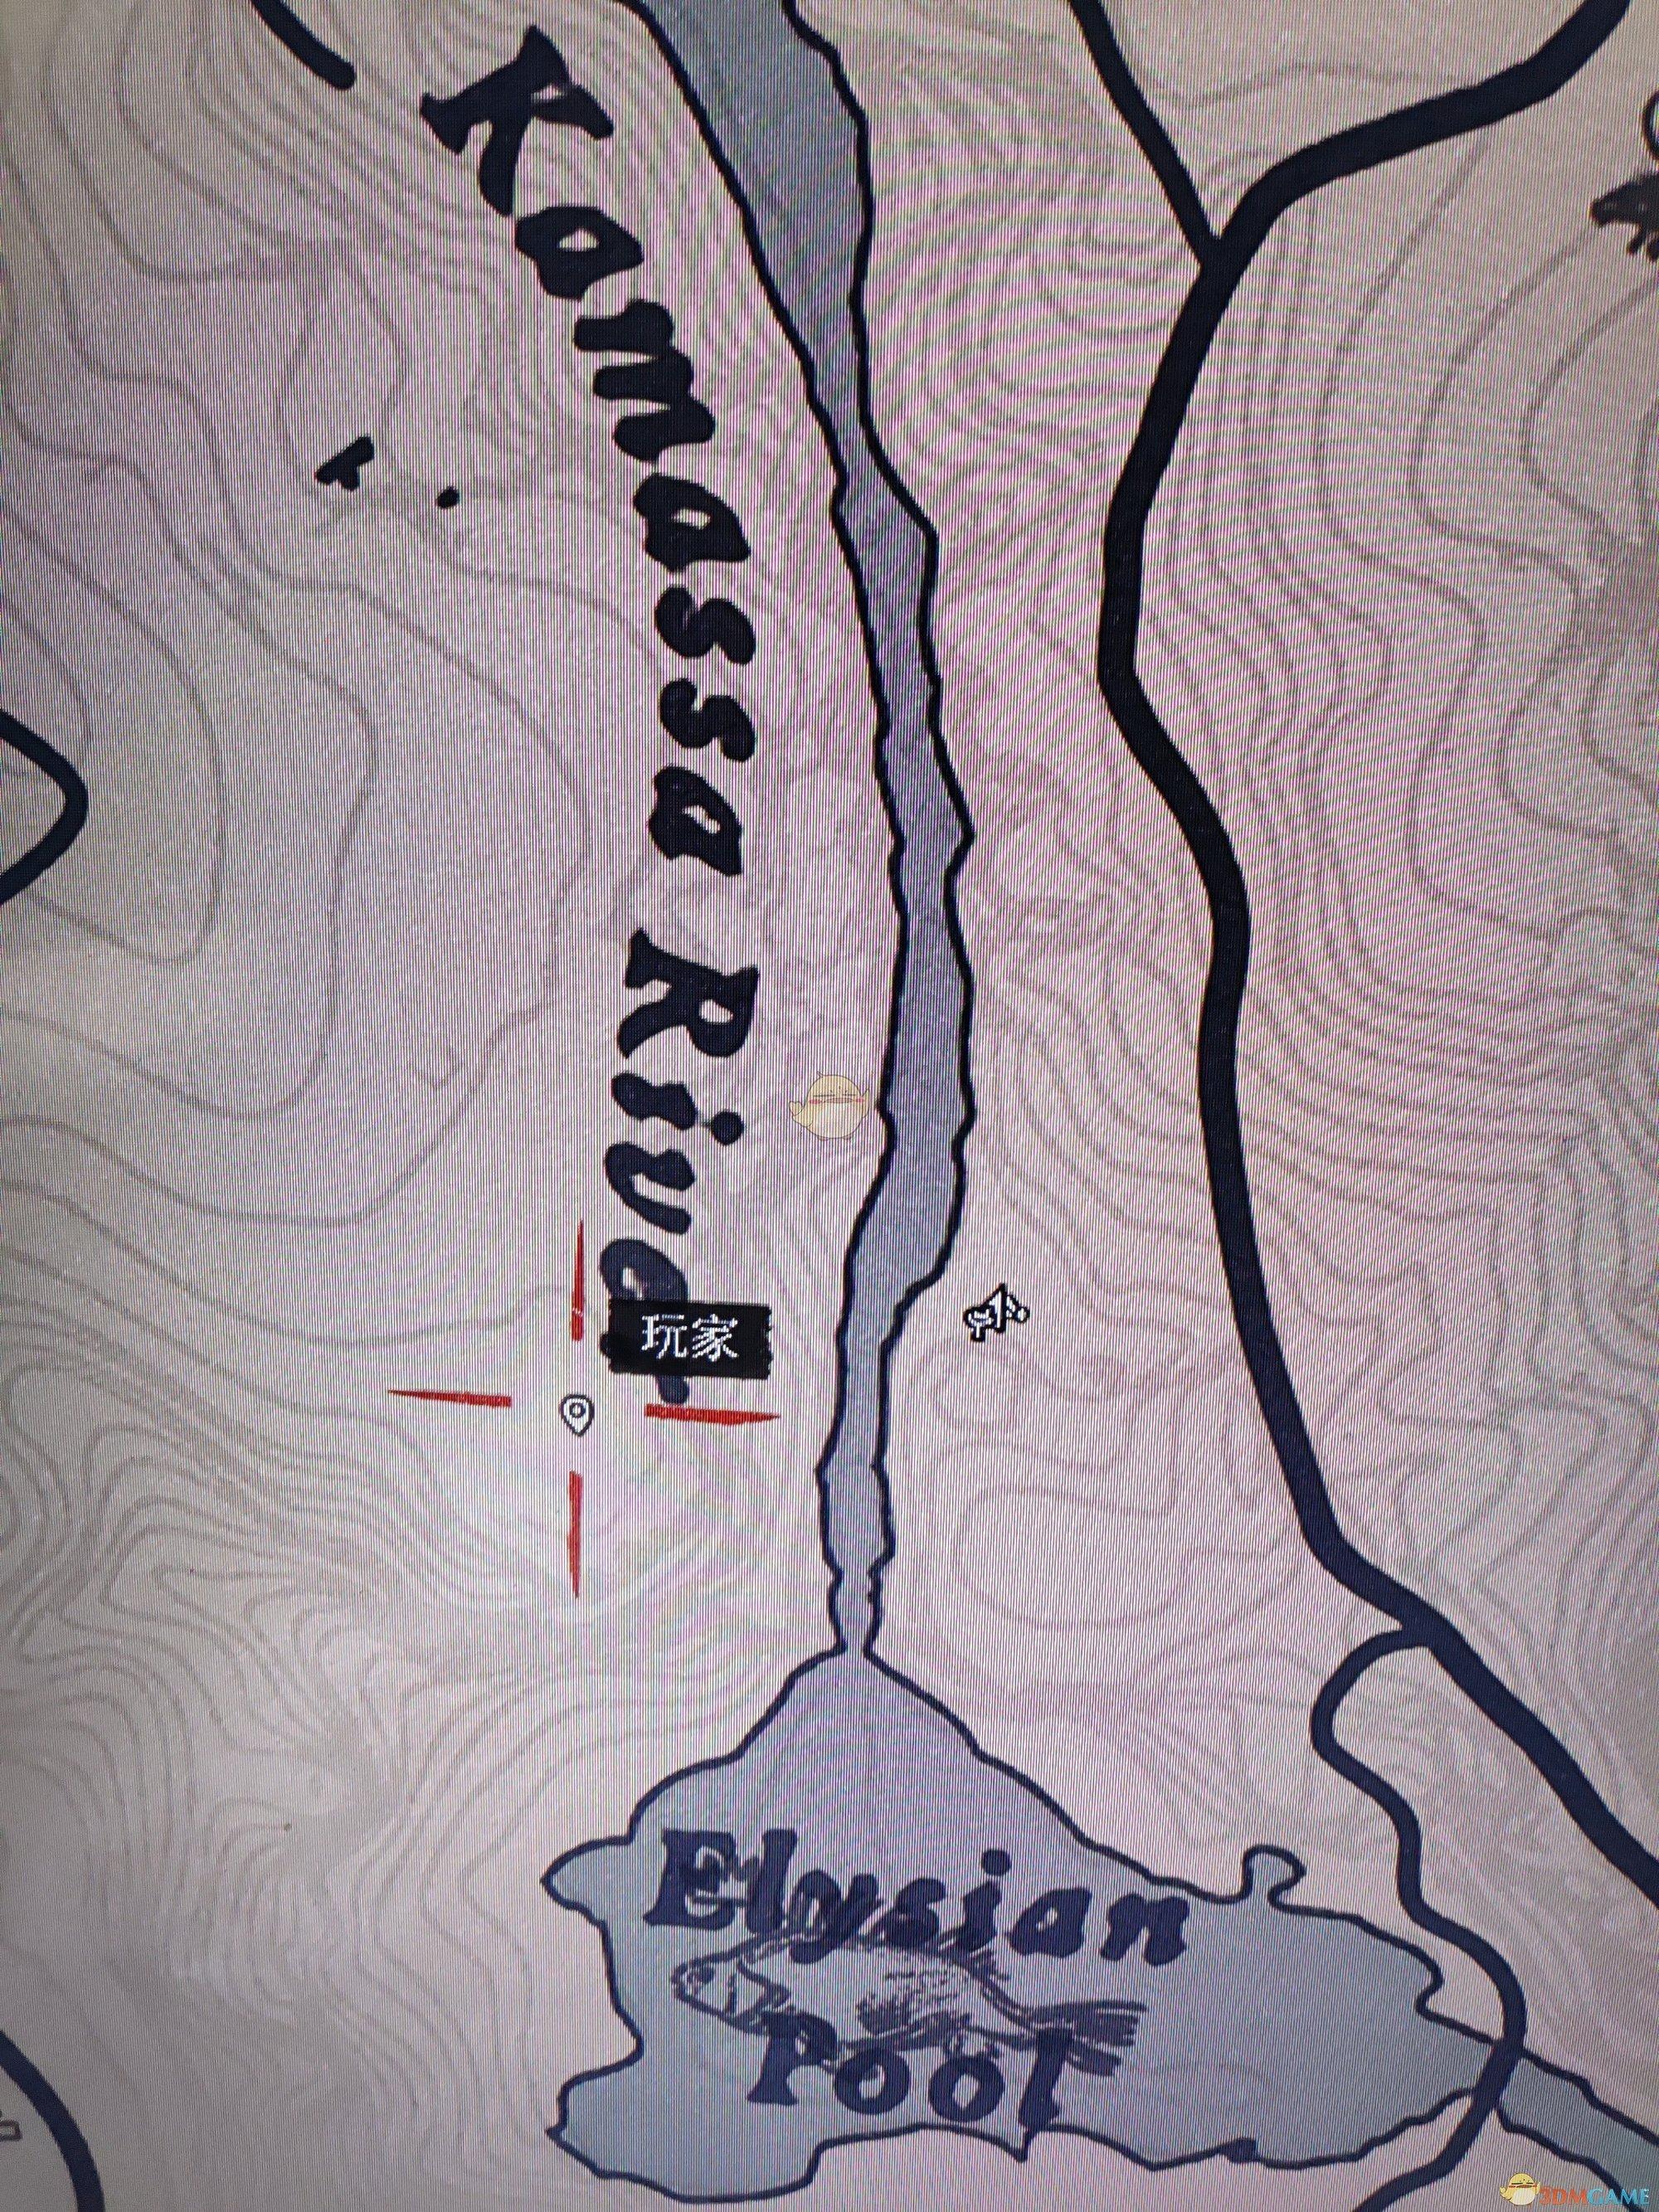 《荒野大镖客2》安尼斯堡藏宝图宝藏位置分享